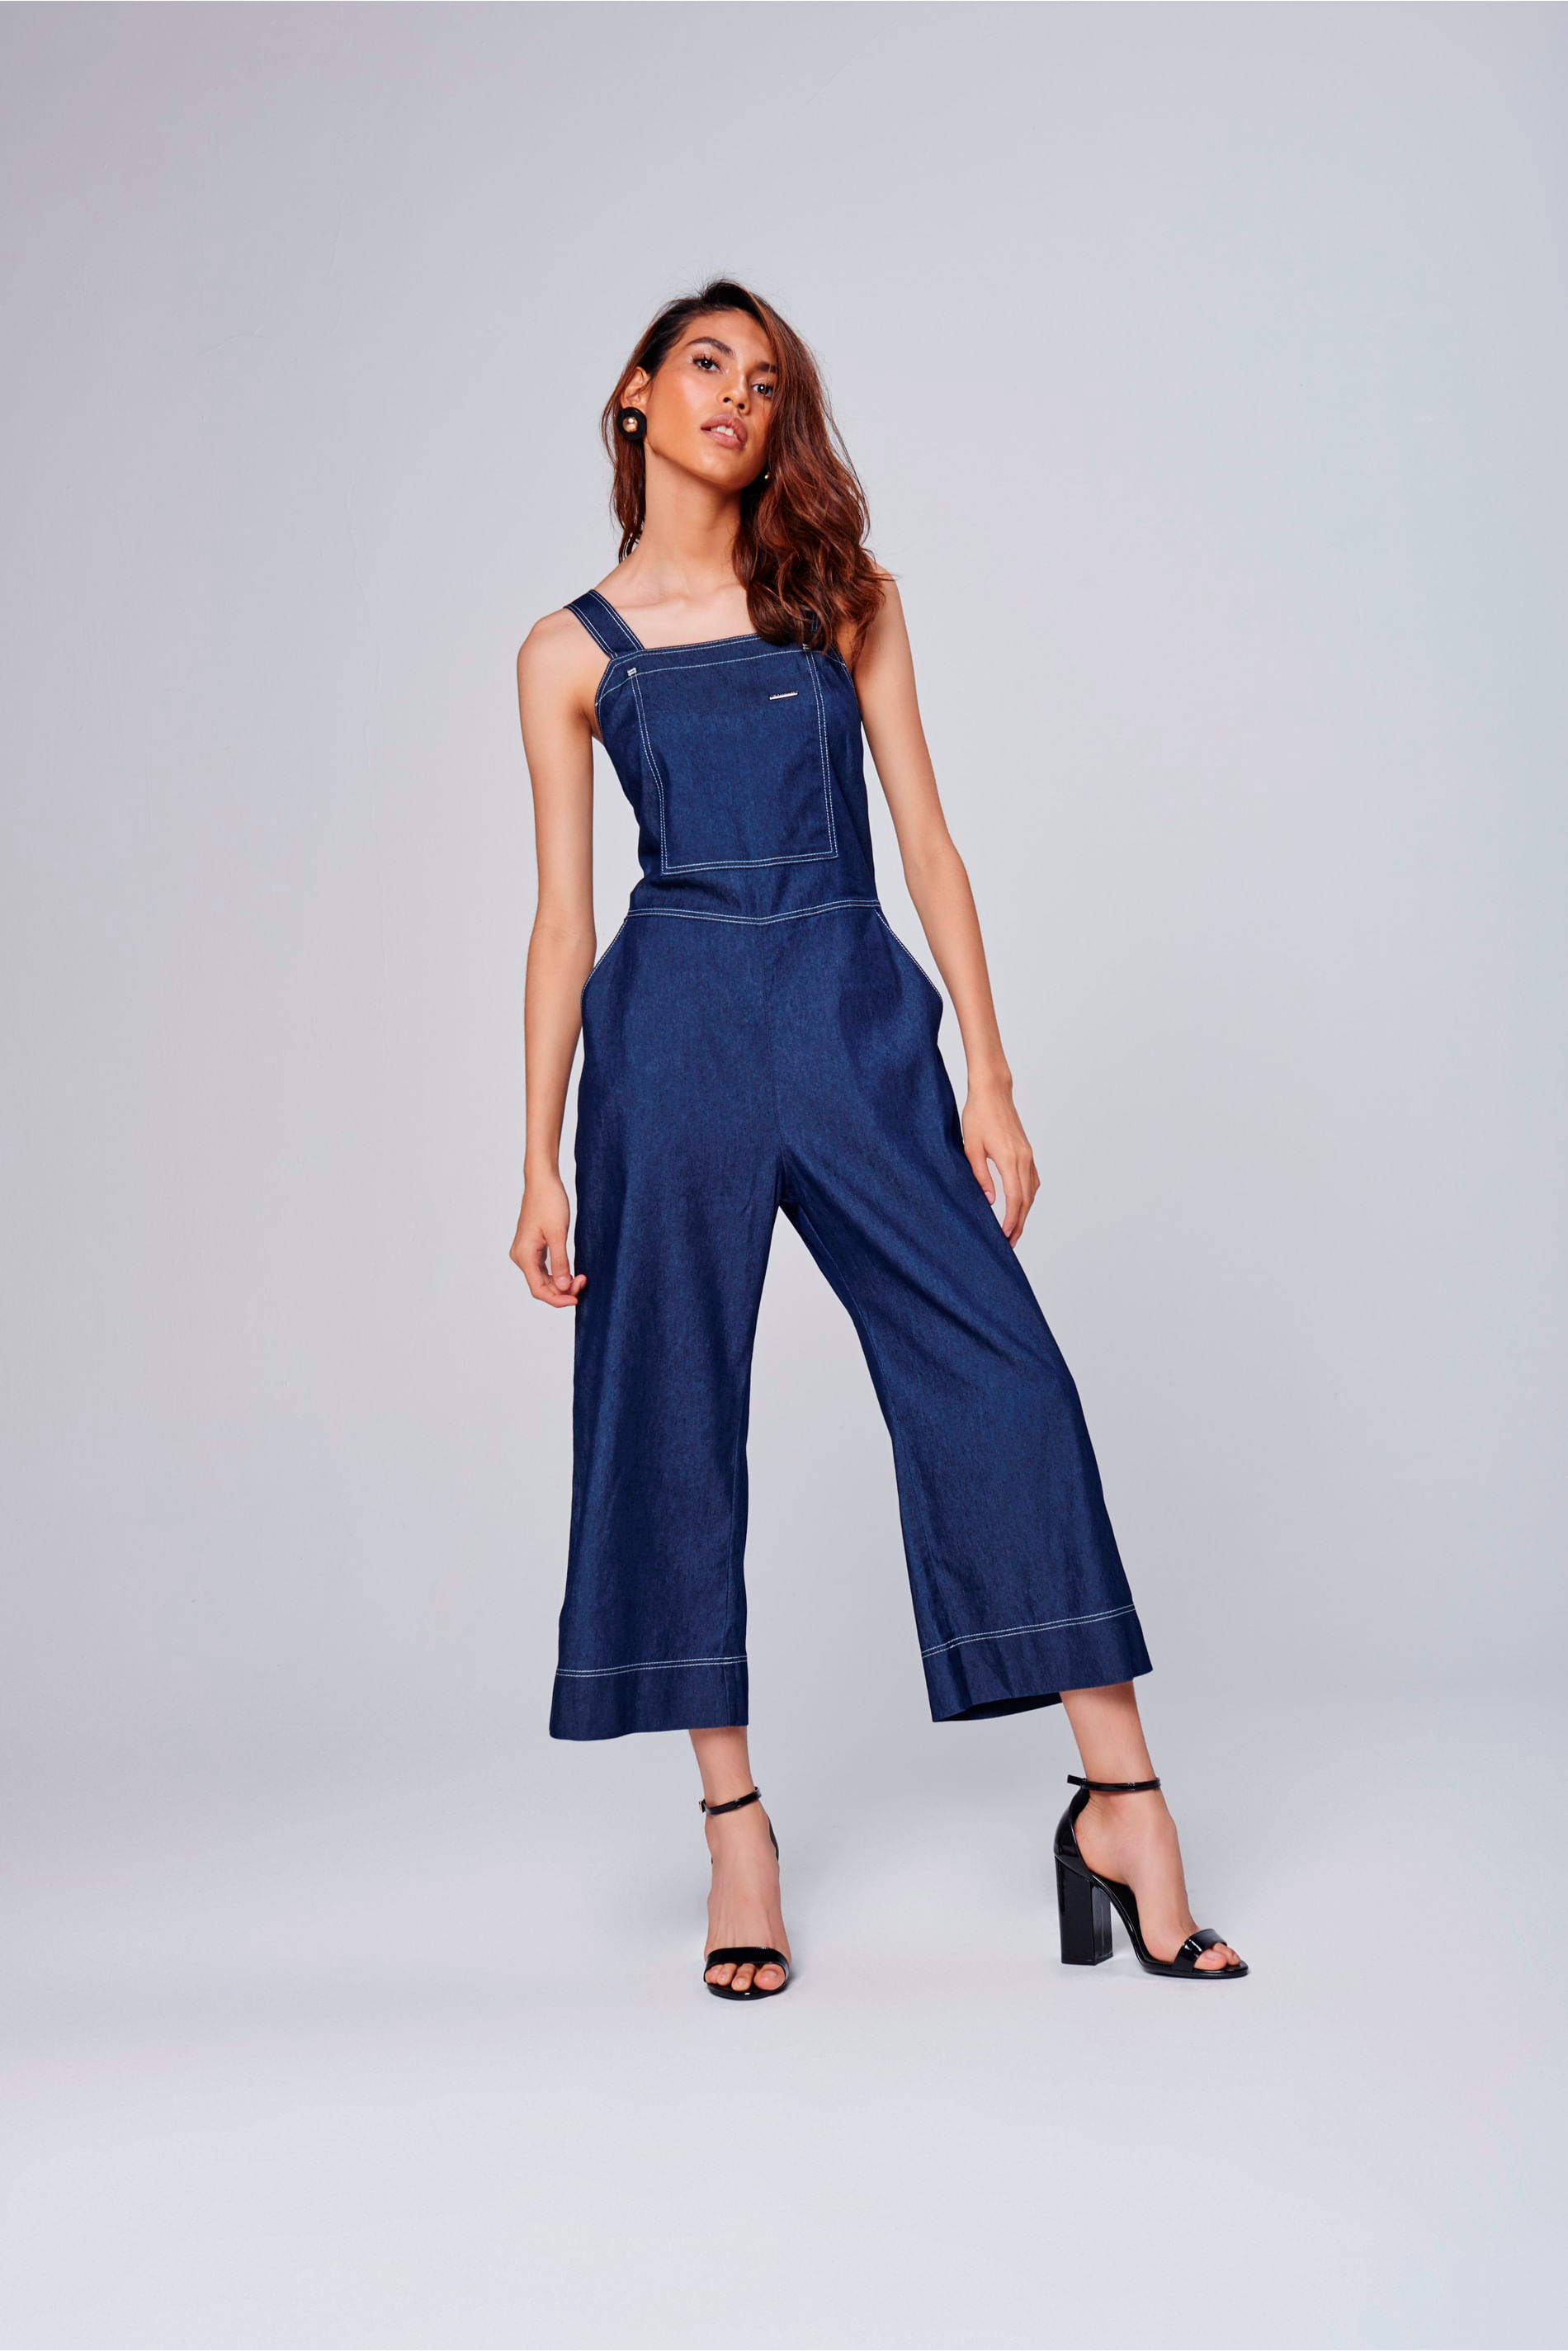 af91b1c59 Macacão Jeans Cropped Feminino - Damyller